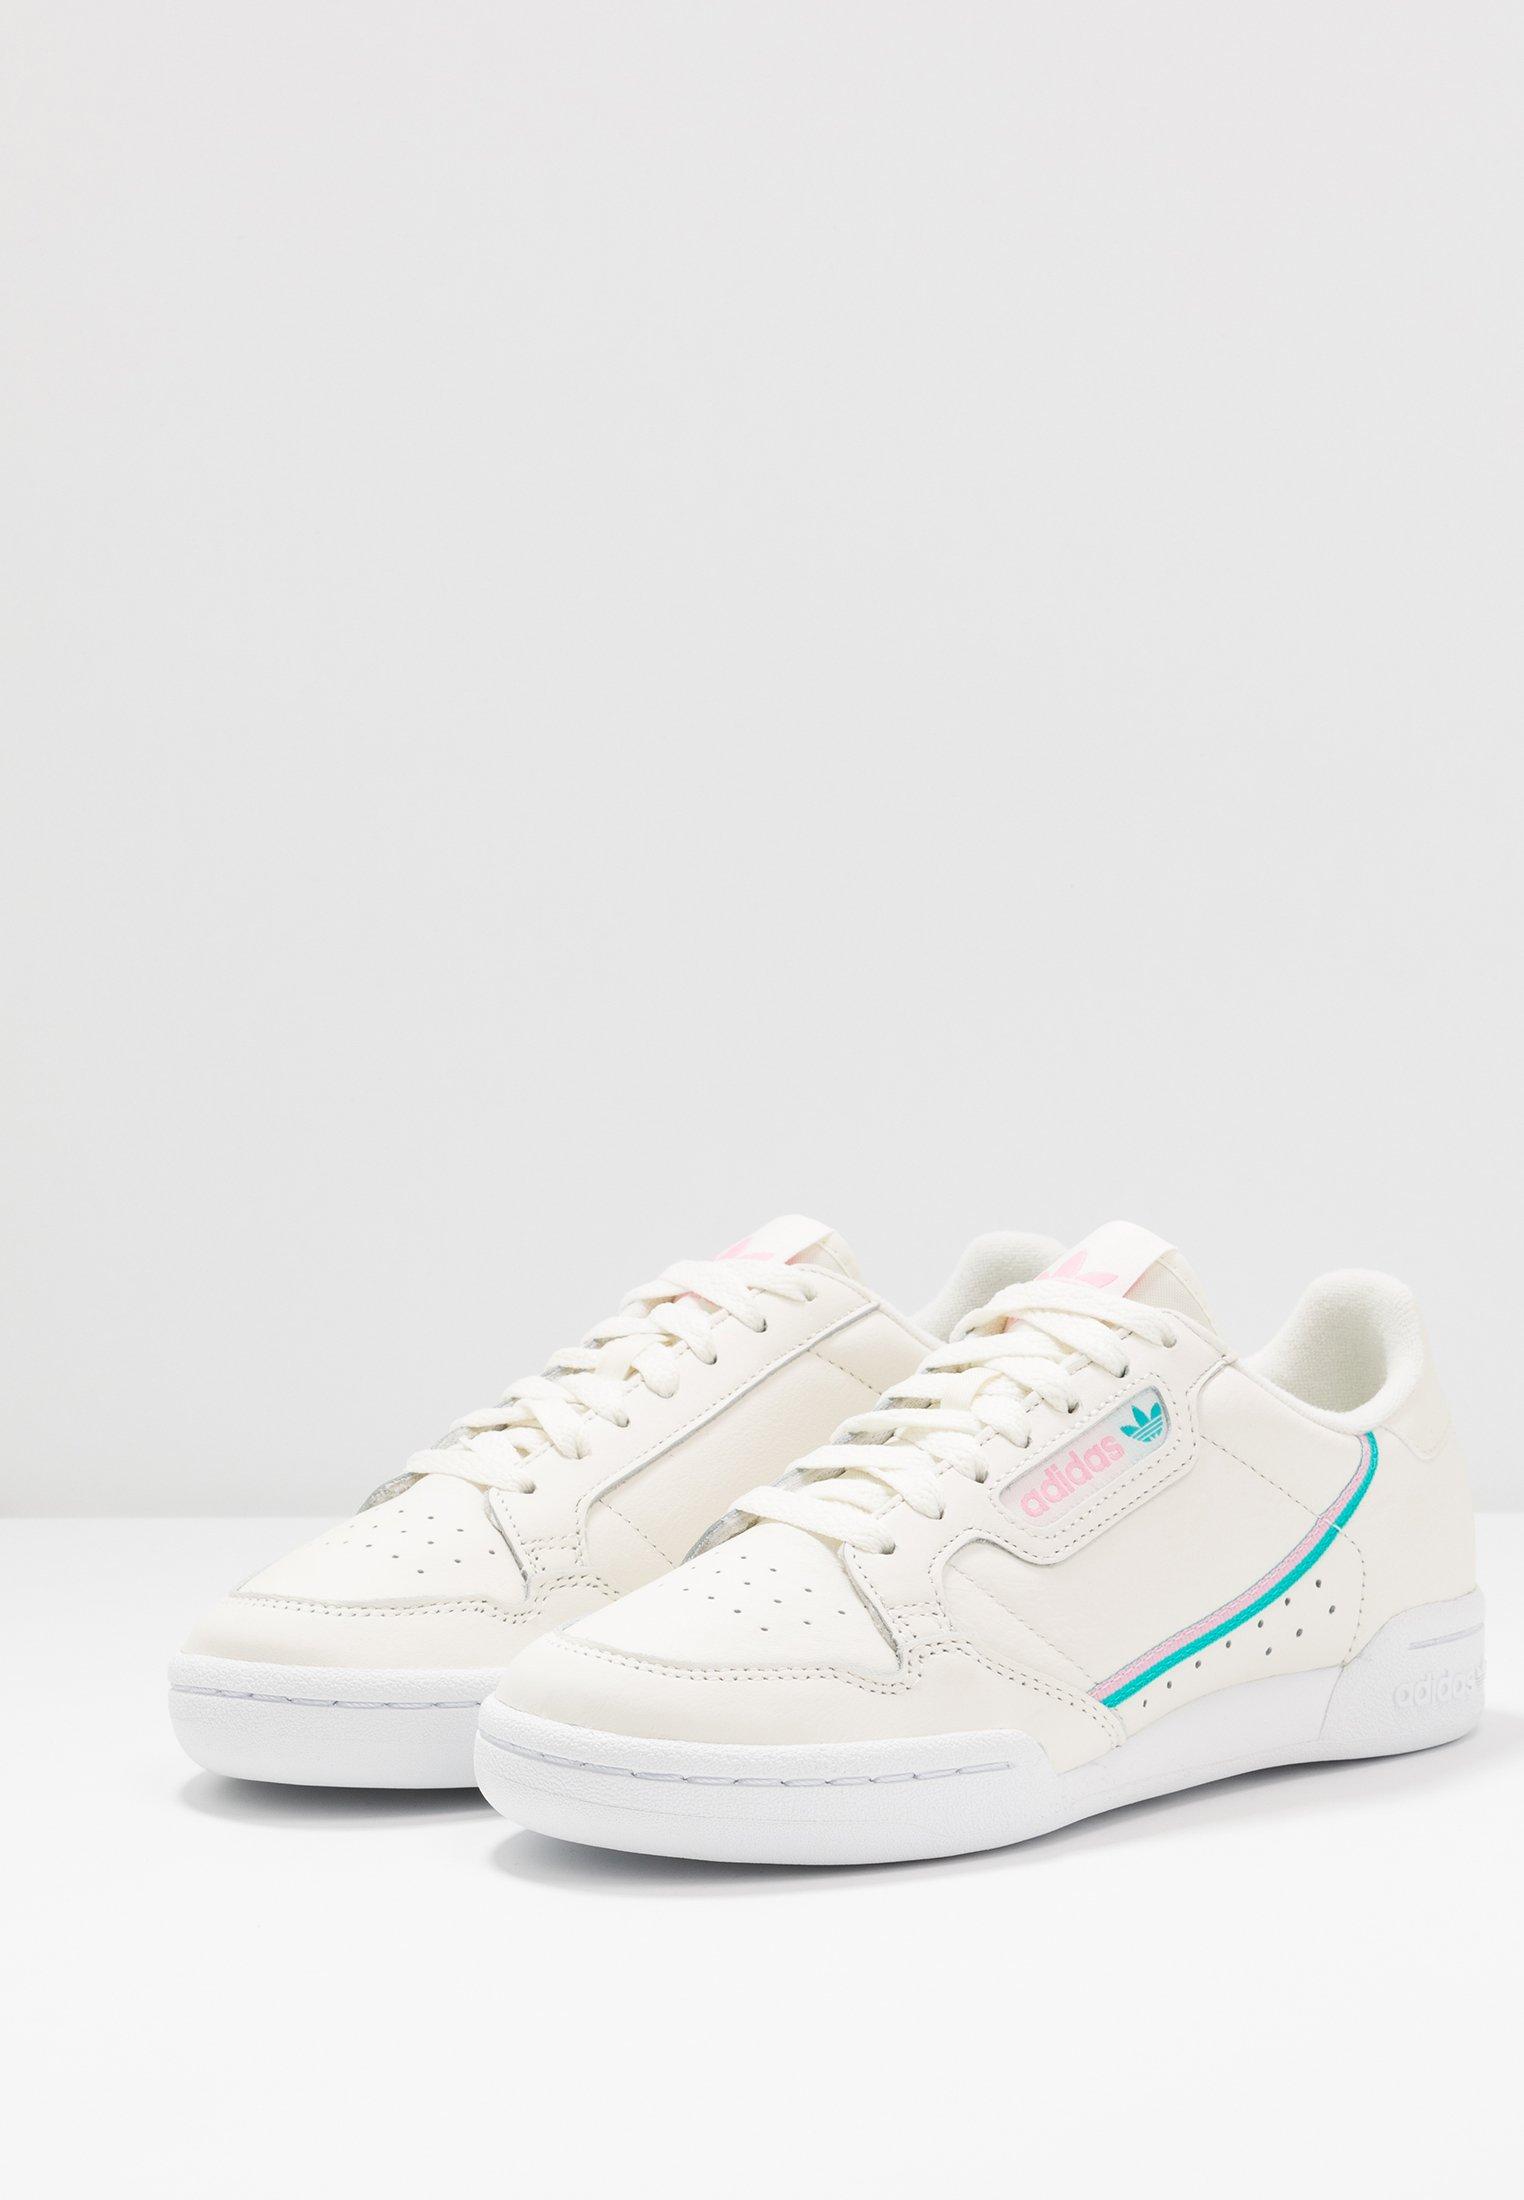 adidas offwhite true 80Baskets aqua Originals basses pink res CONTINENTAL hi FuT3KJc1l